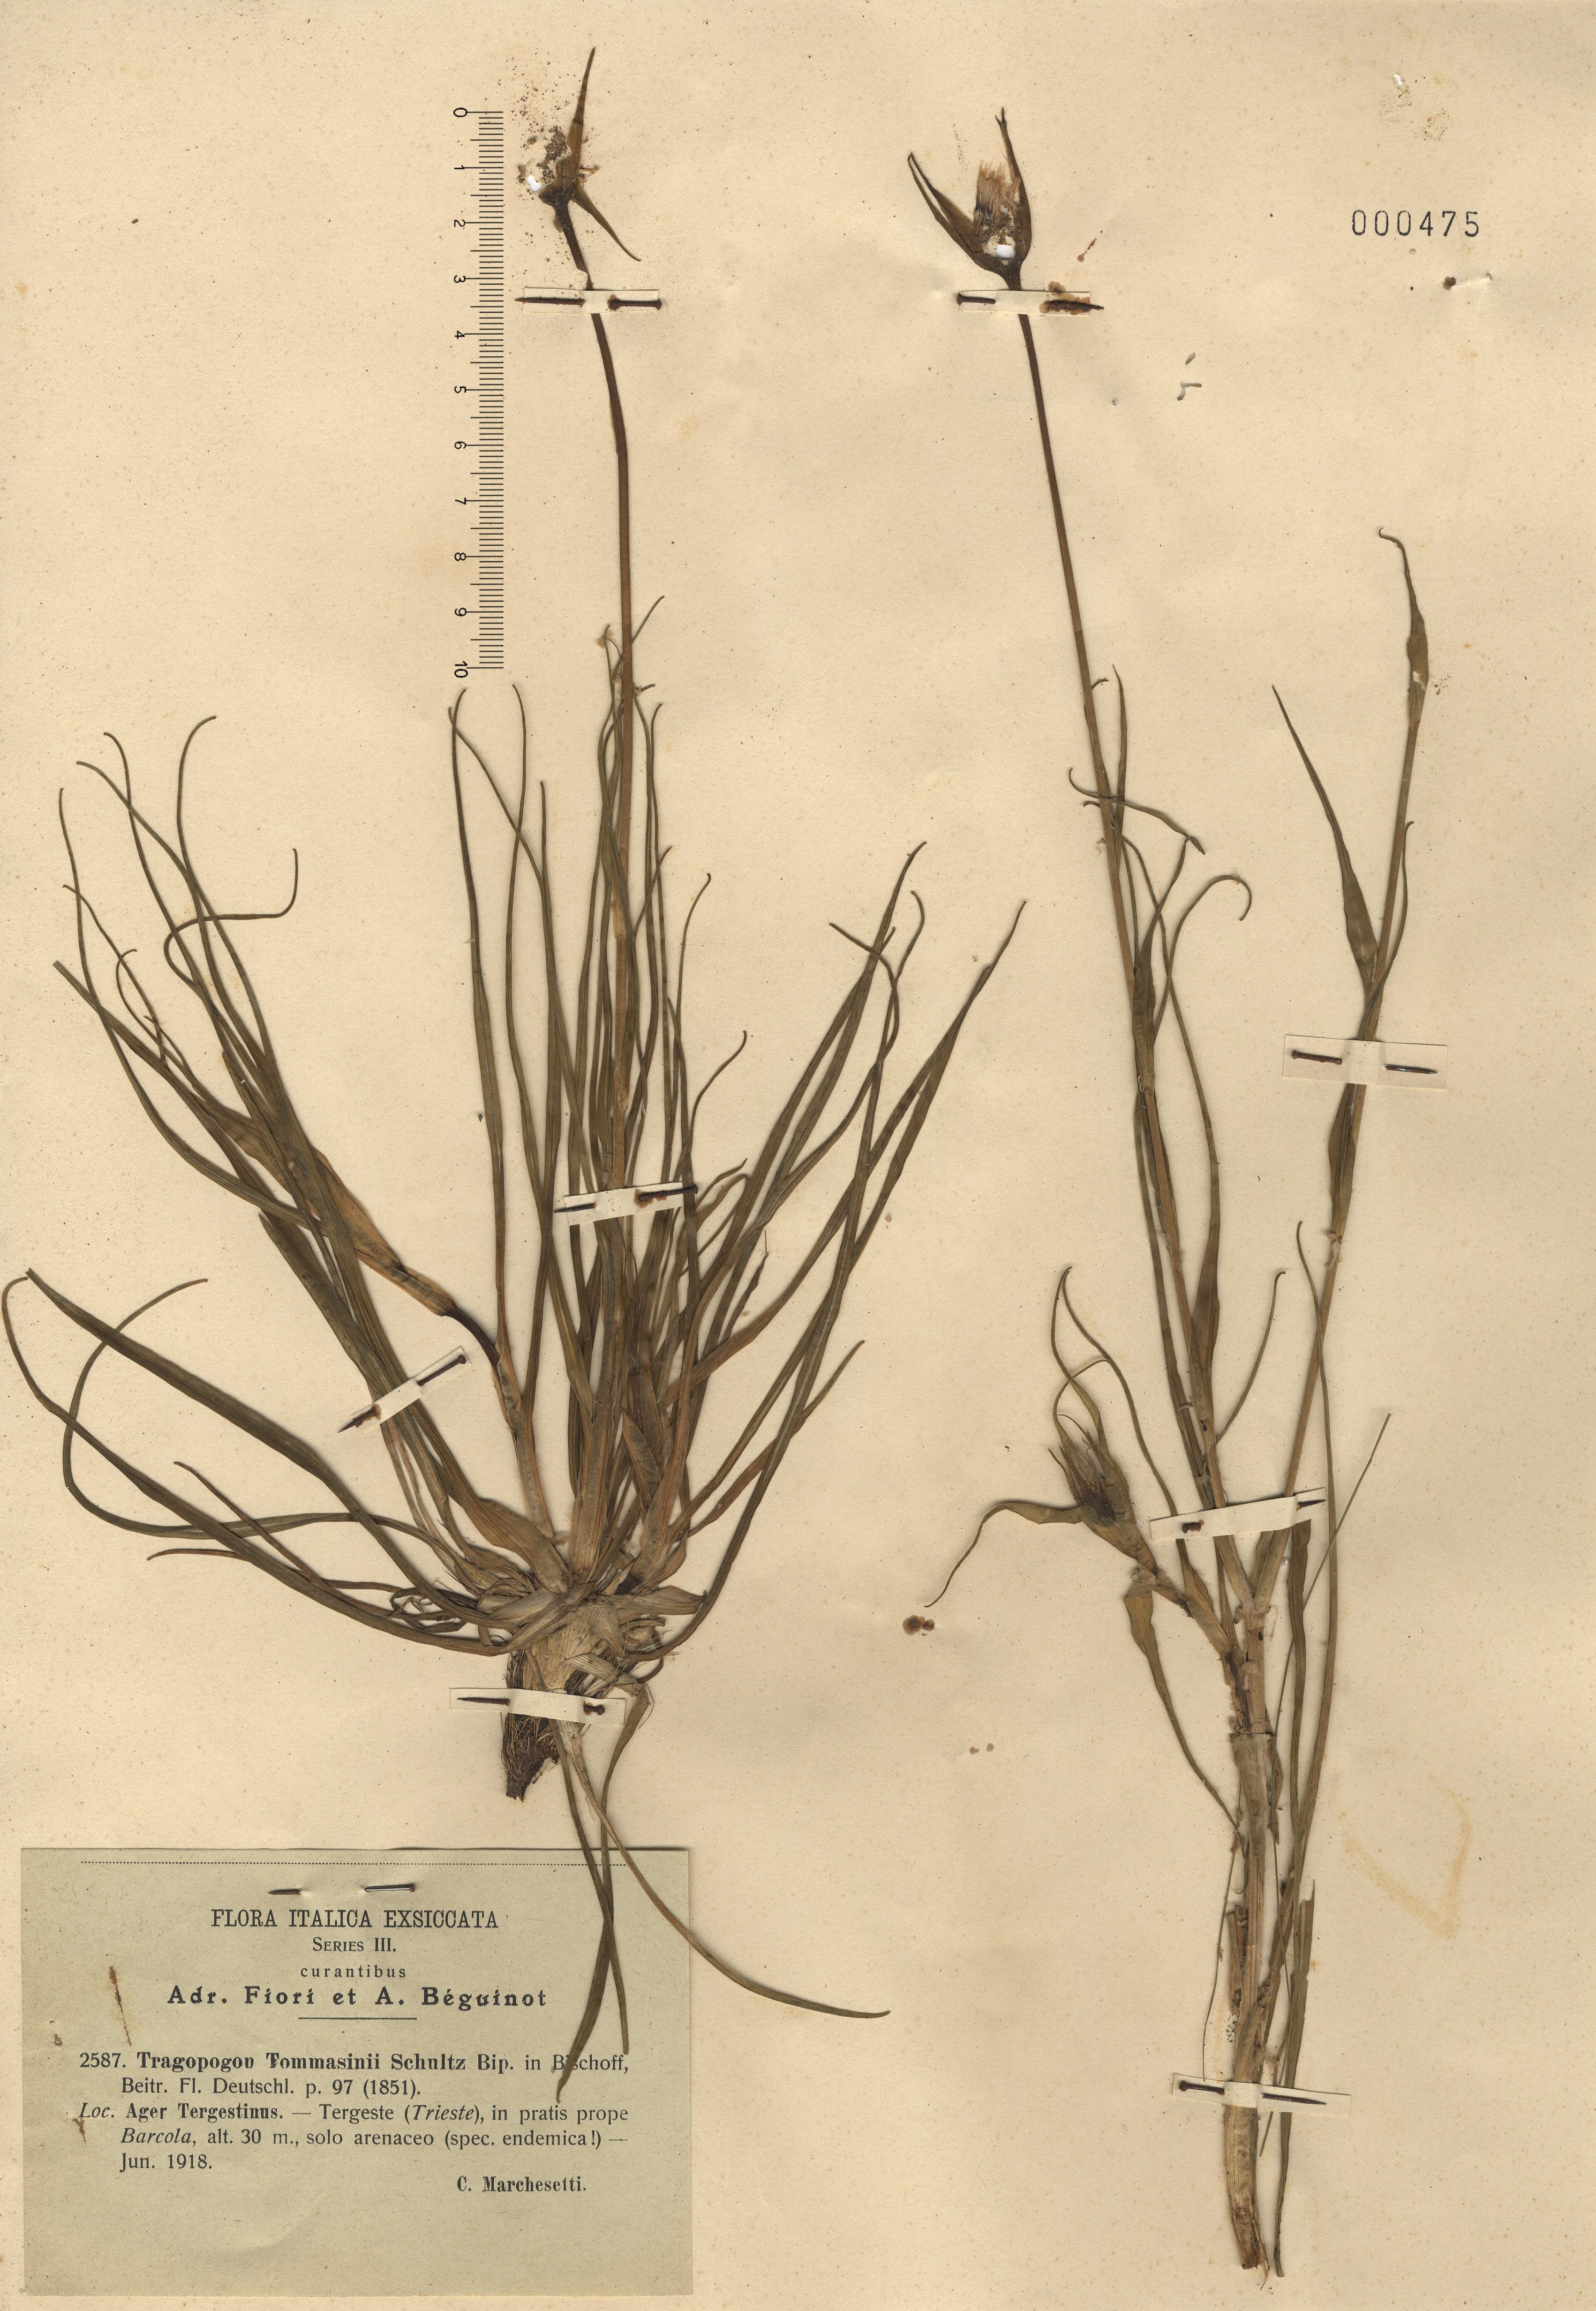 © Hortus Botanicus Catinensis - Herb. sheet 000475<br>